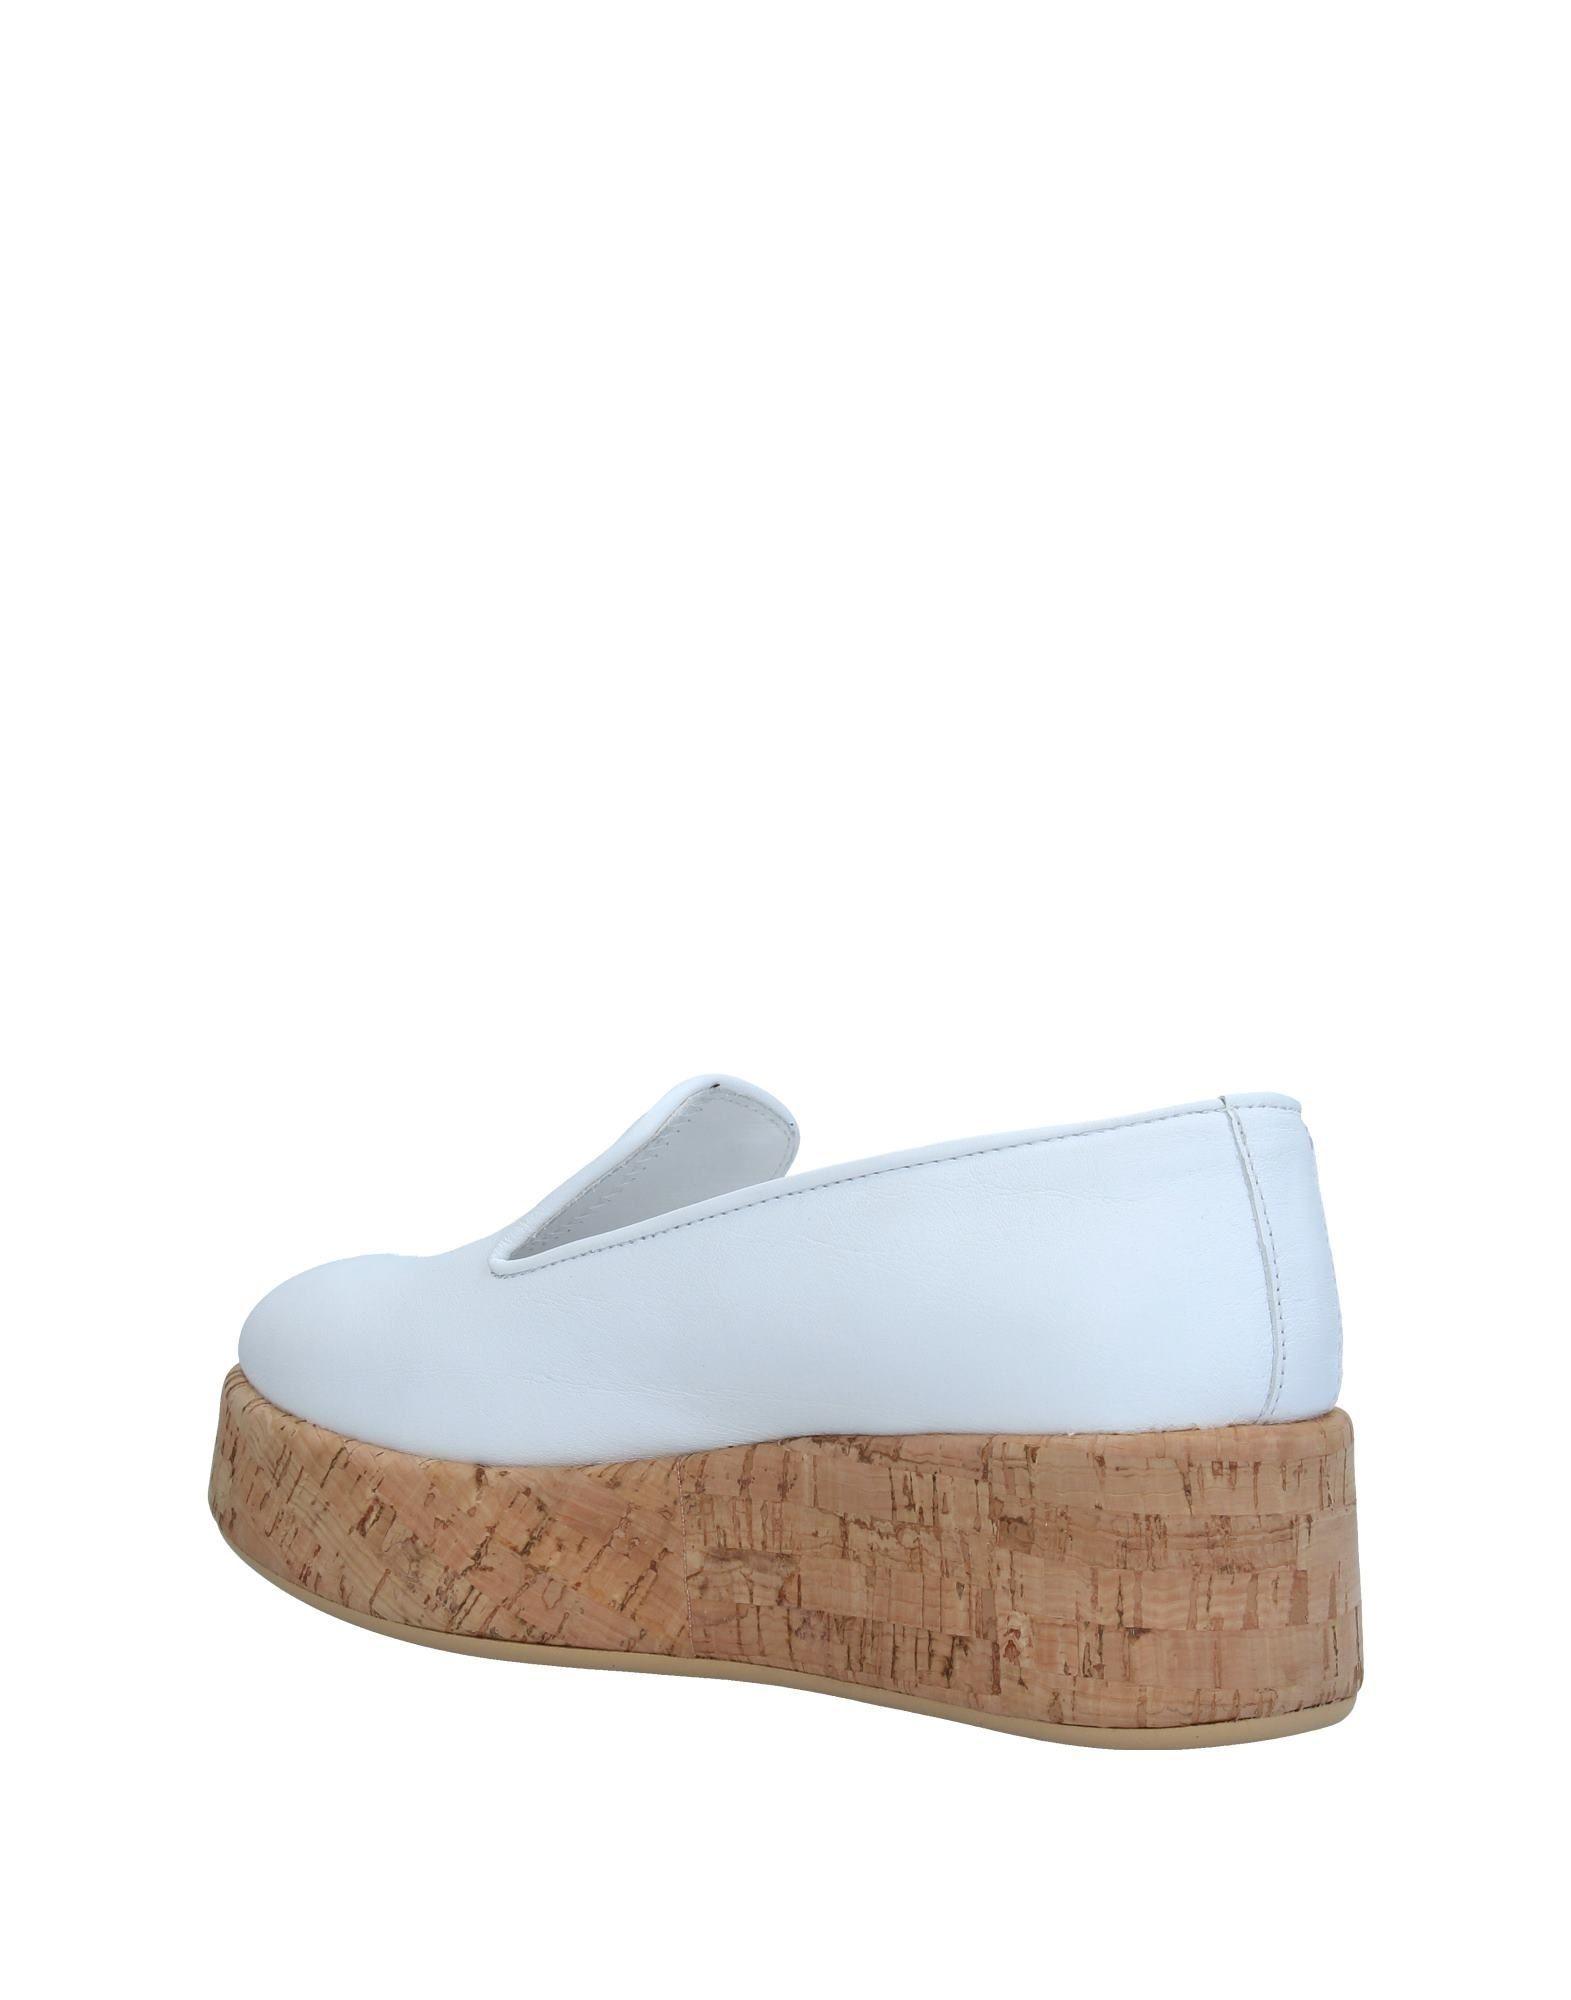 FOOTWEAR Unlace White Woman Leather